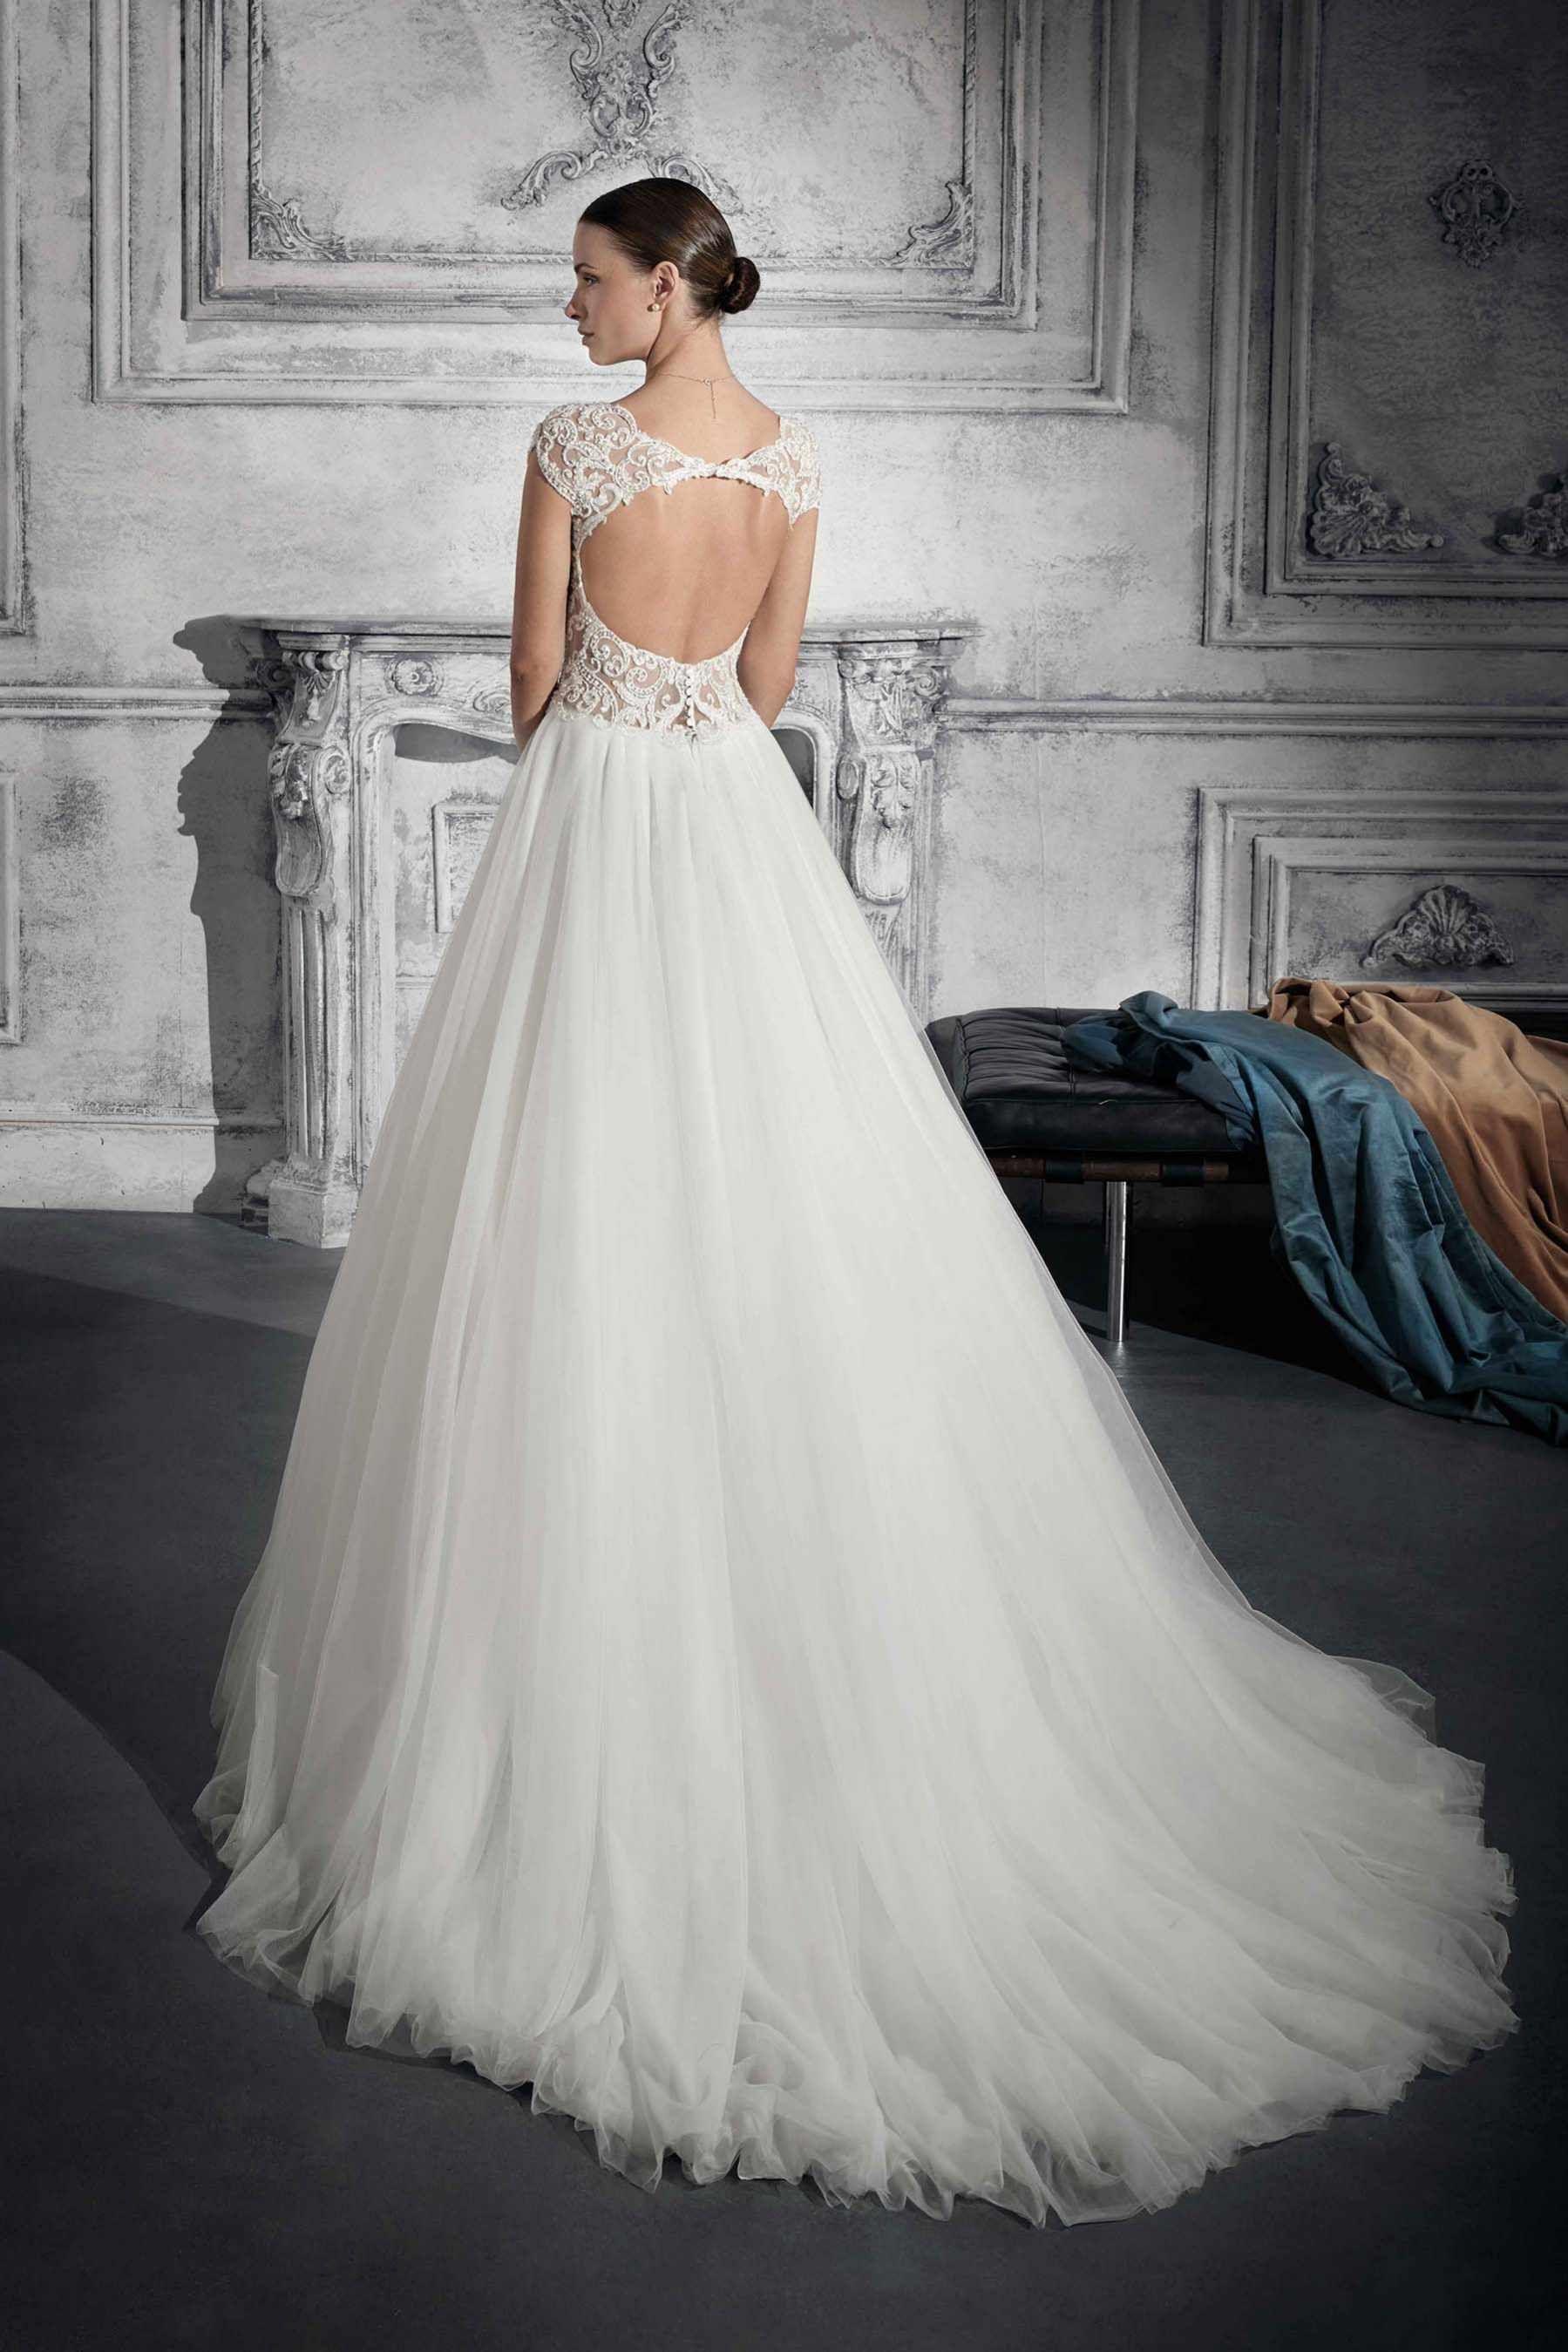 Fantastisch 2. Brautkleider Fotos - Brautkleider Ideen ...